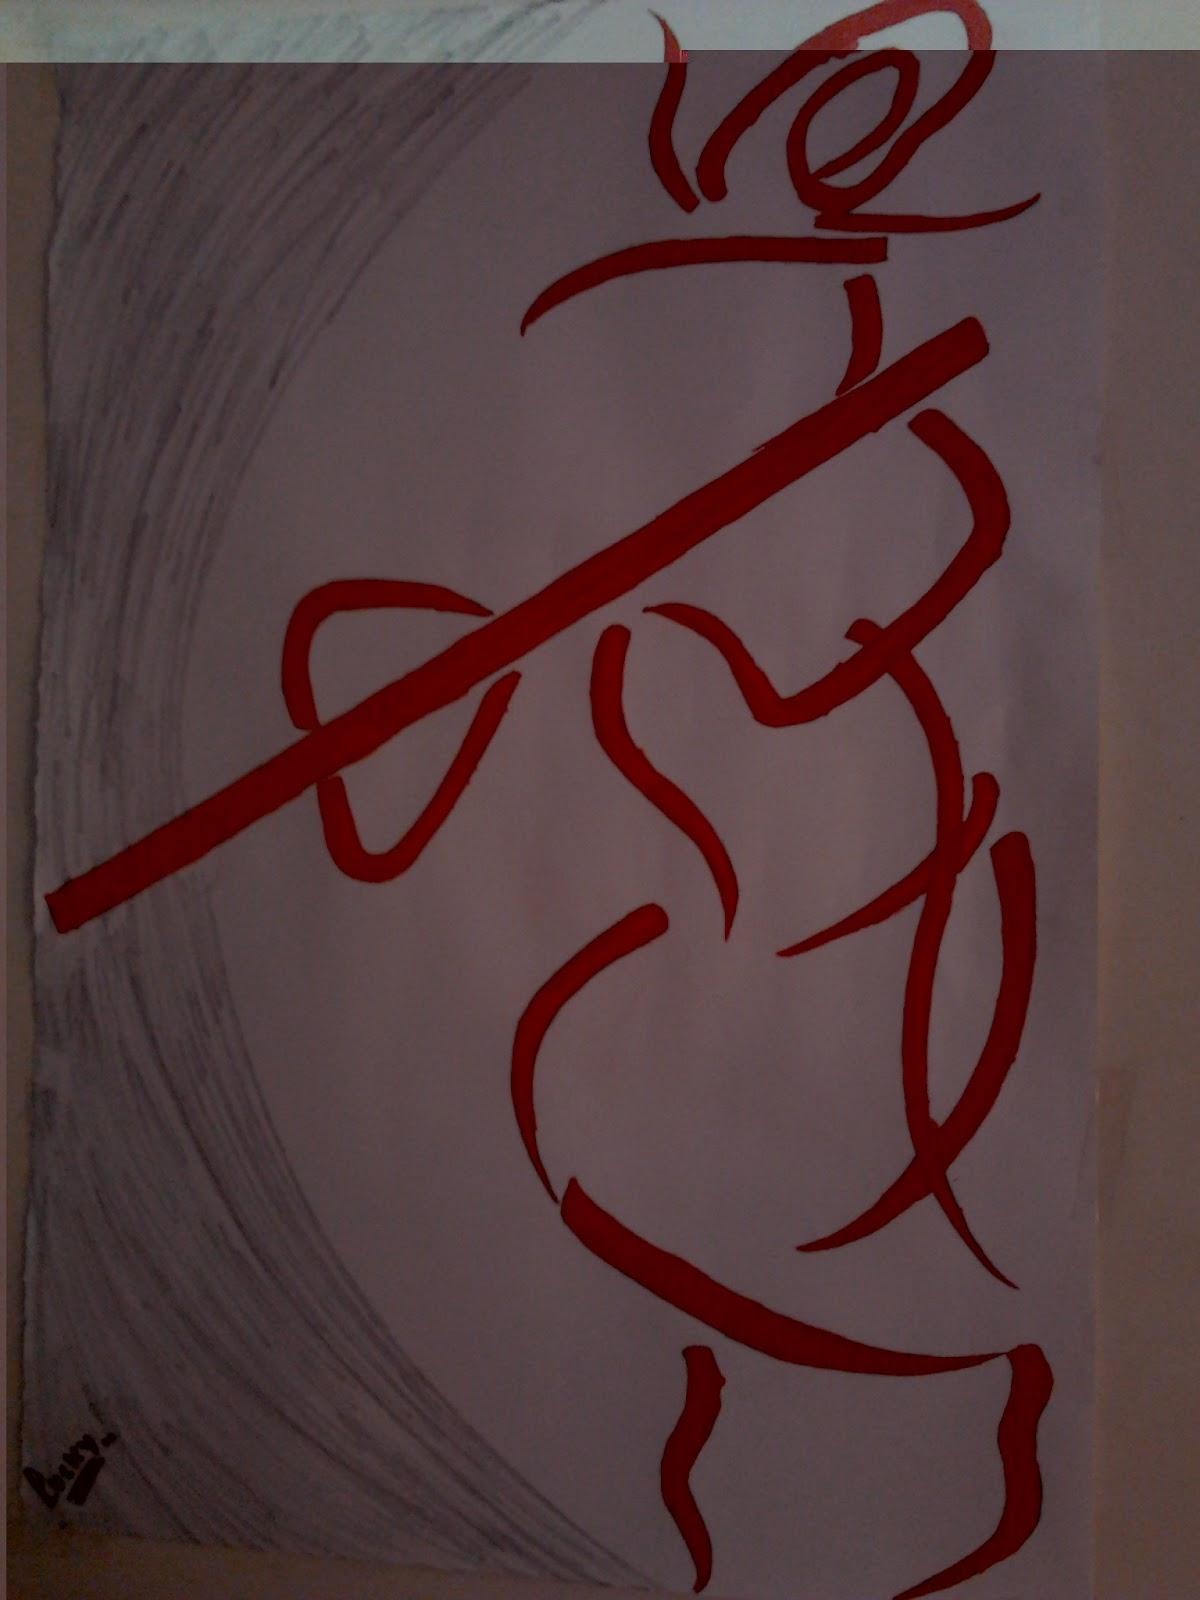 ... ganesh ji wallpaper ganesh ji wallpaper for desktop ganesh ji drawing